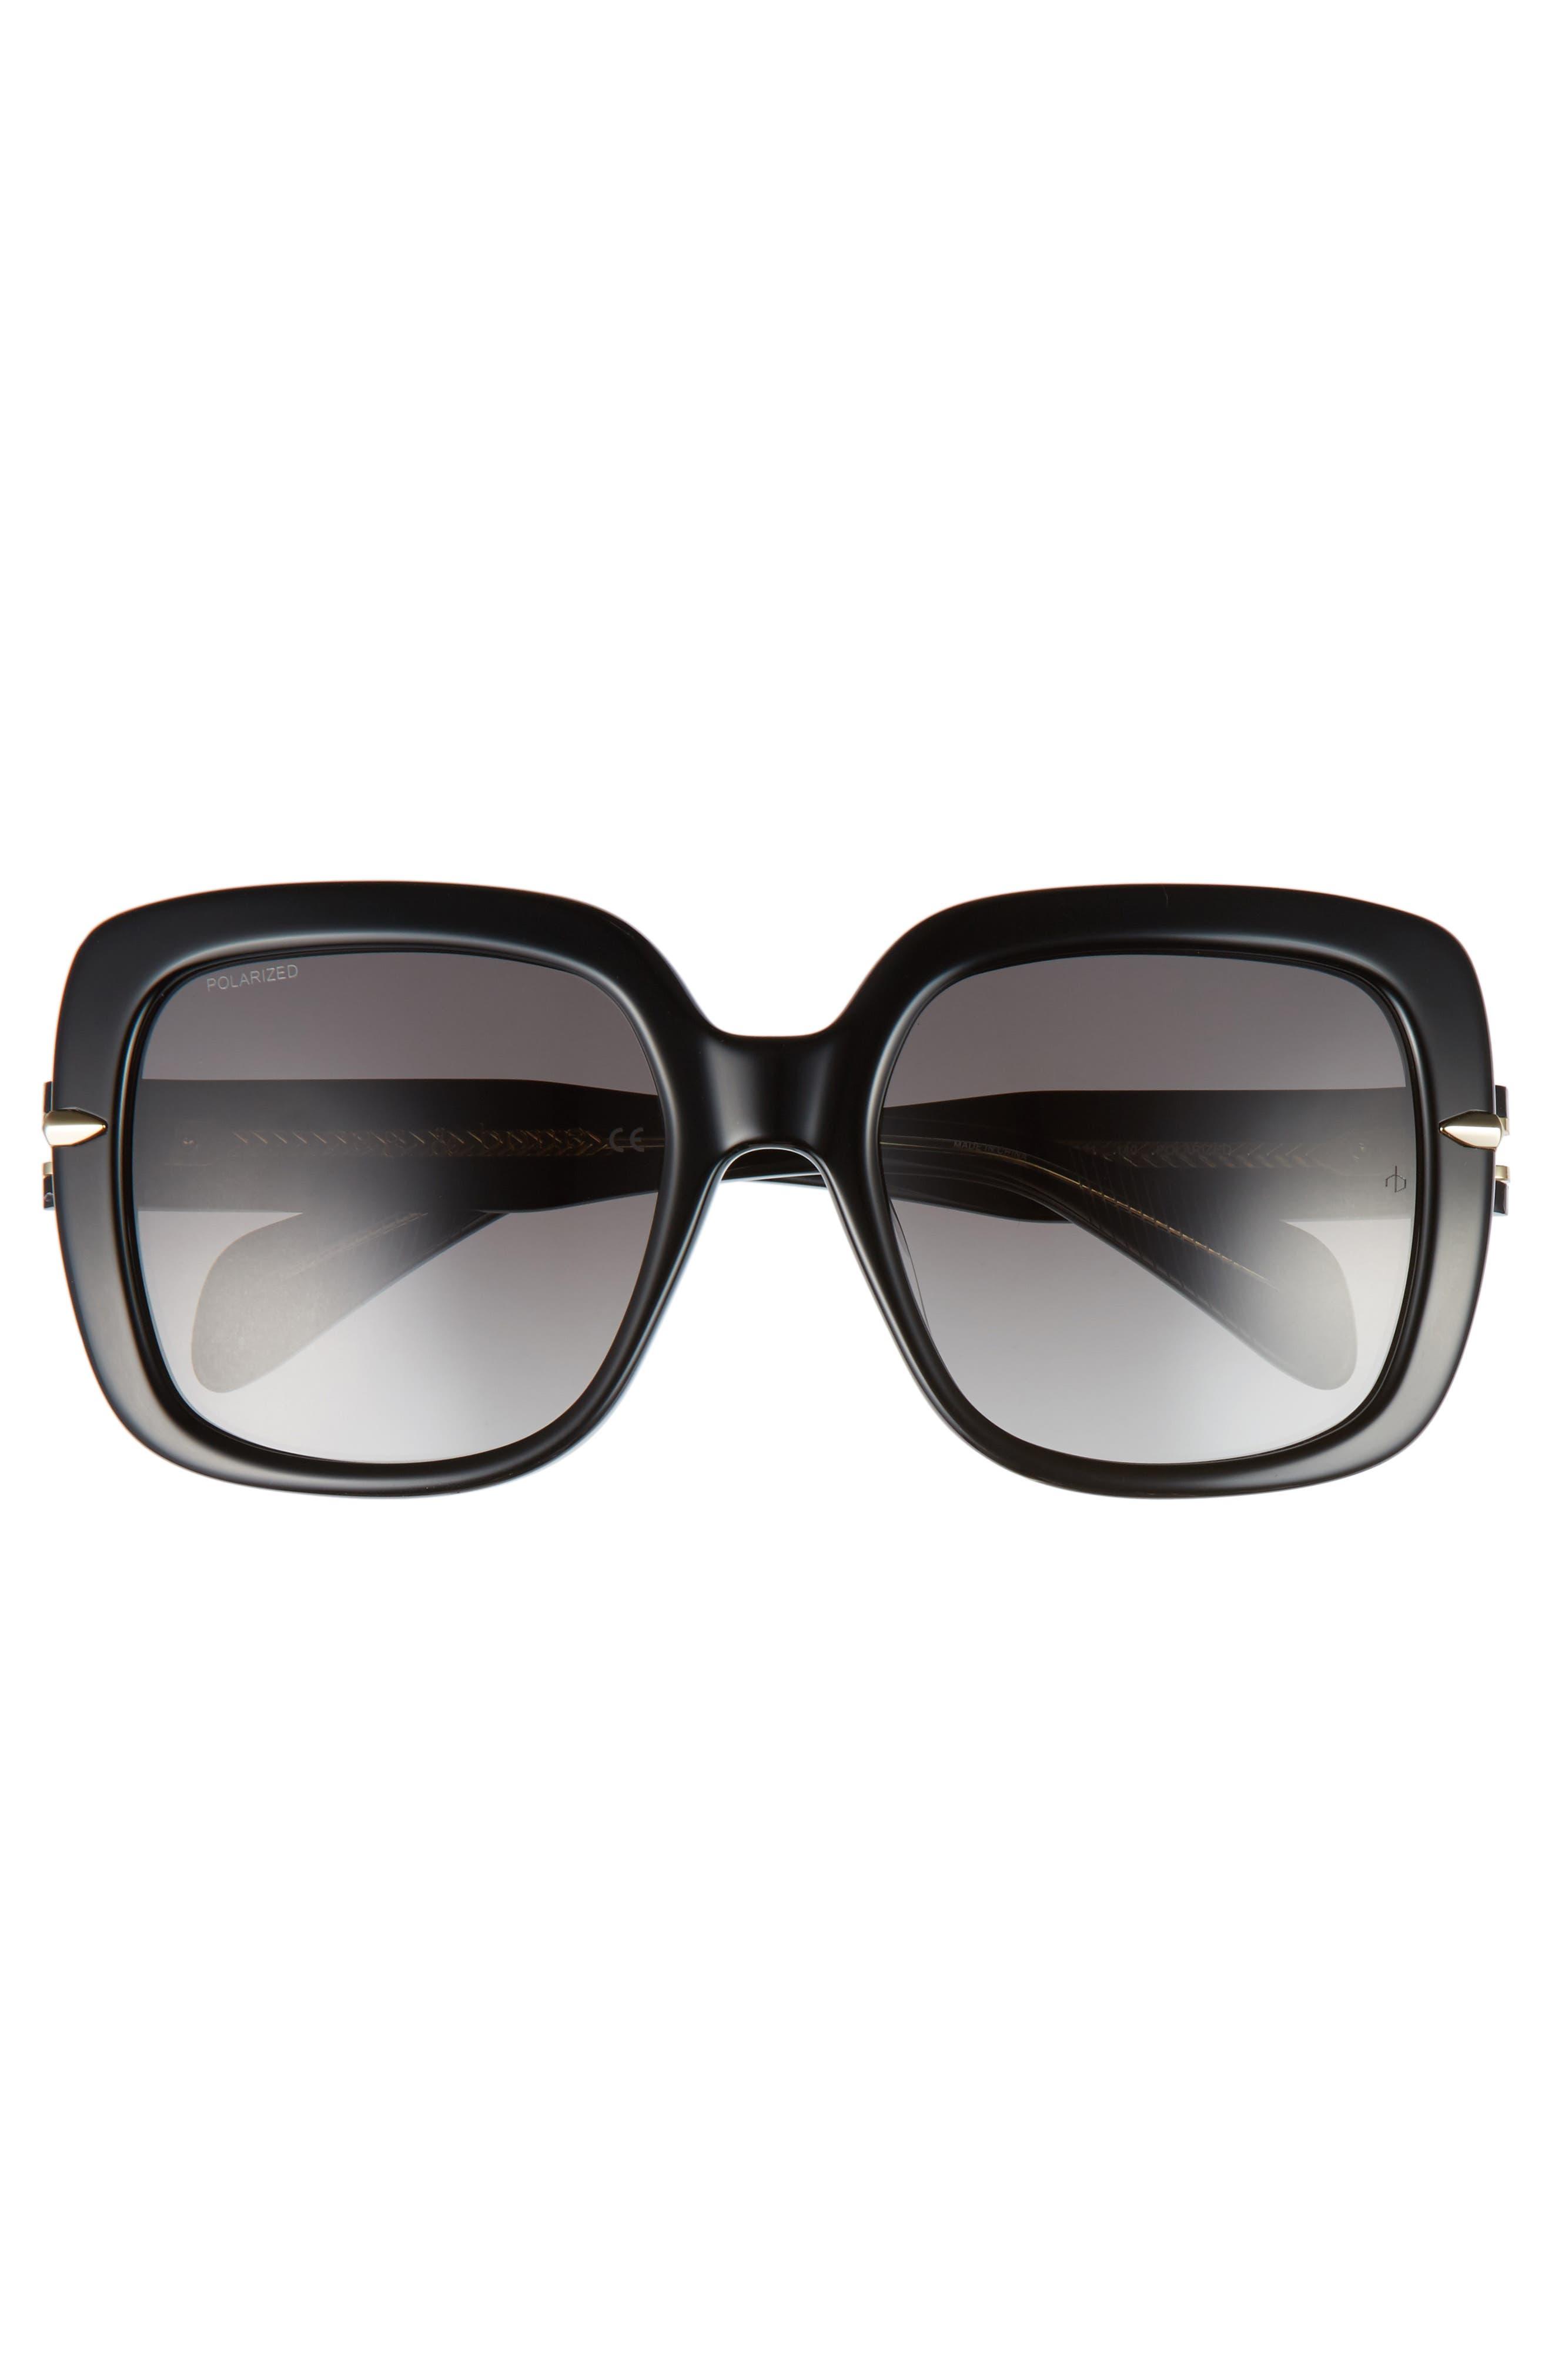 56mm Square Polarized Sunglasses,                             Alternate thumbnail 3, color,                             001